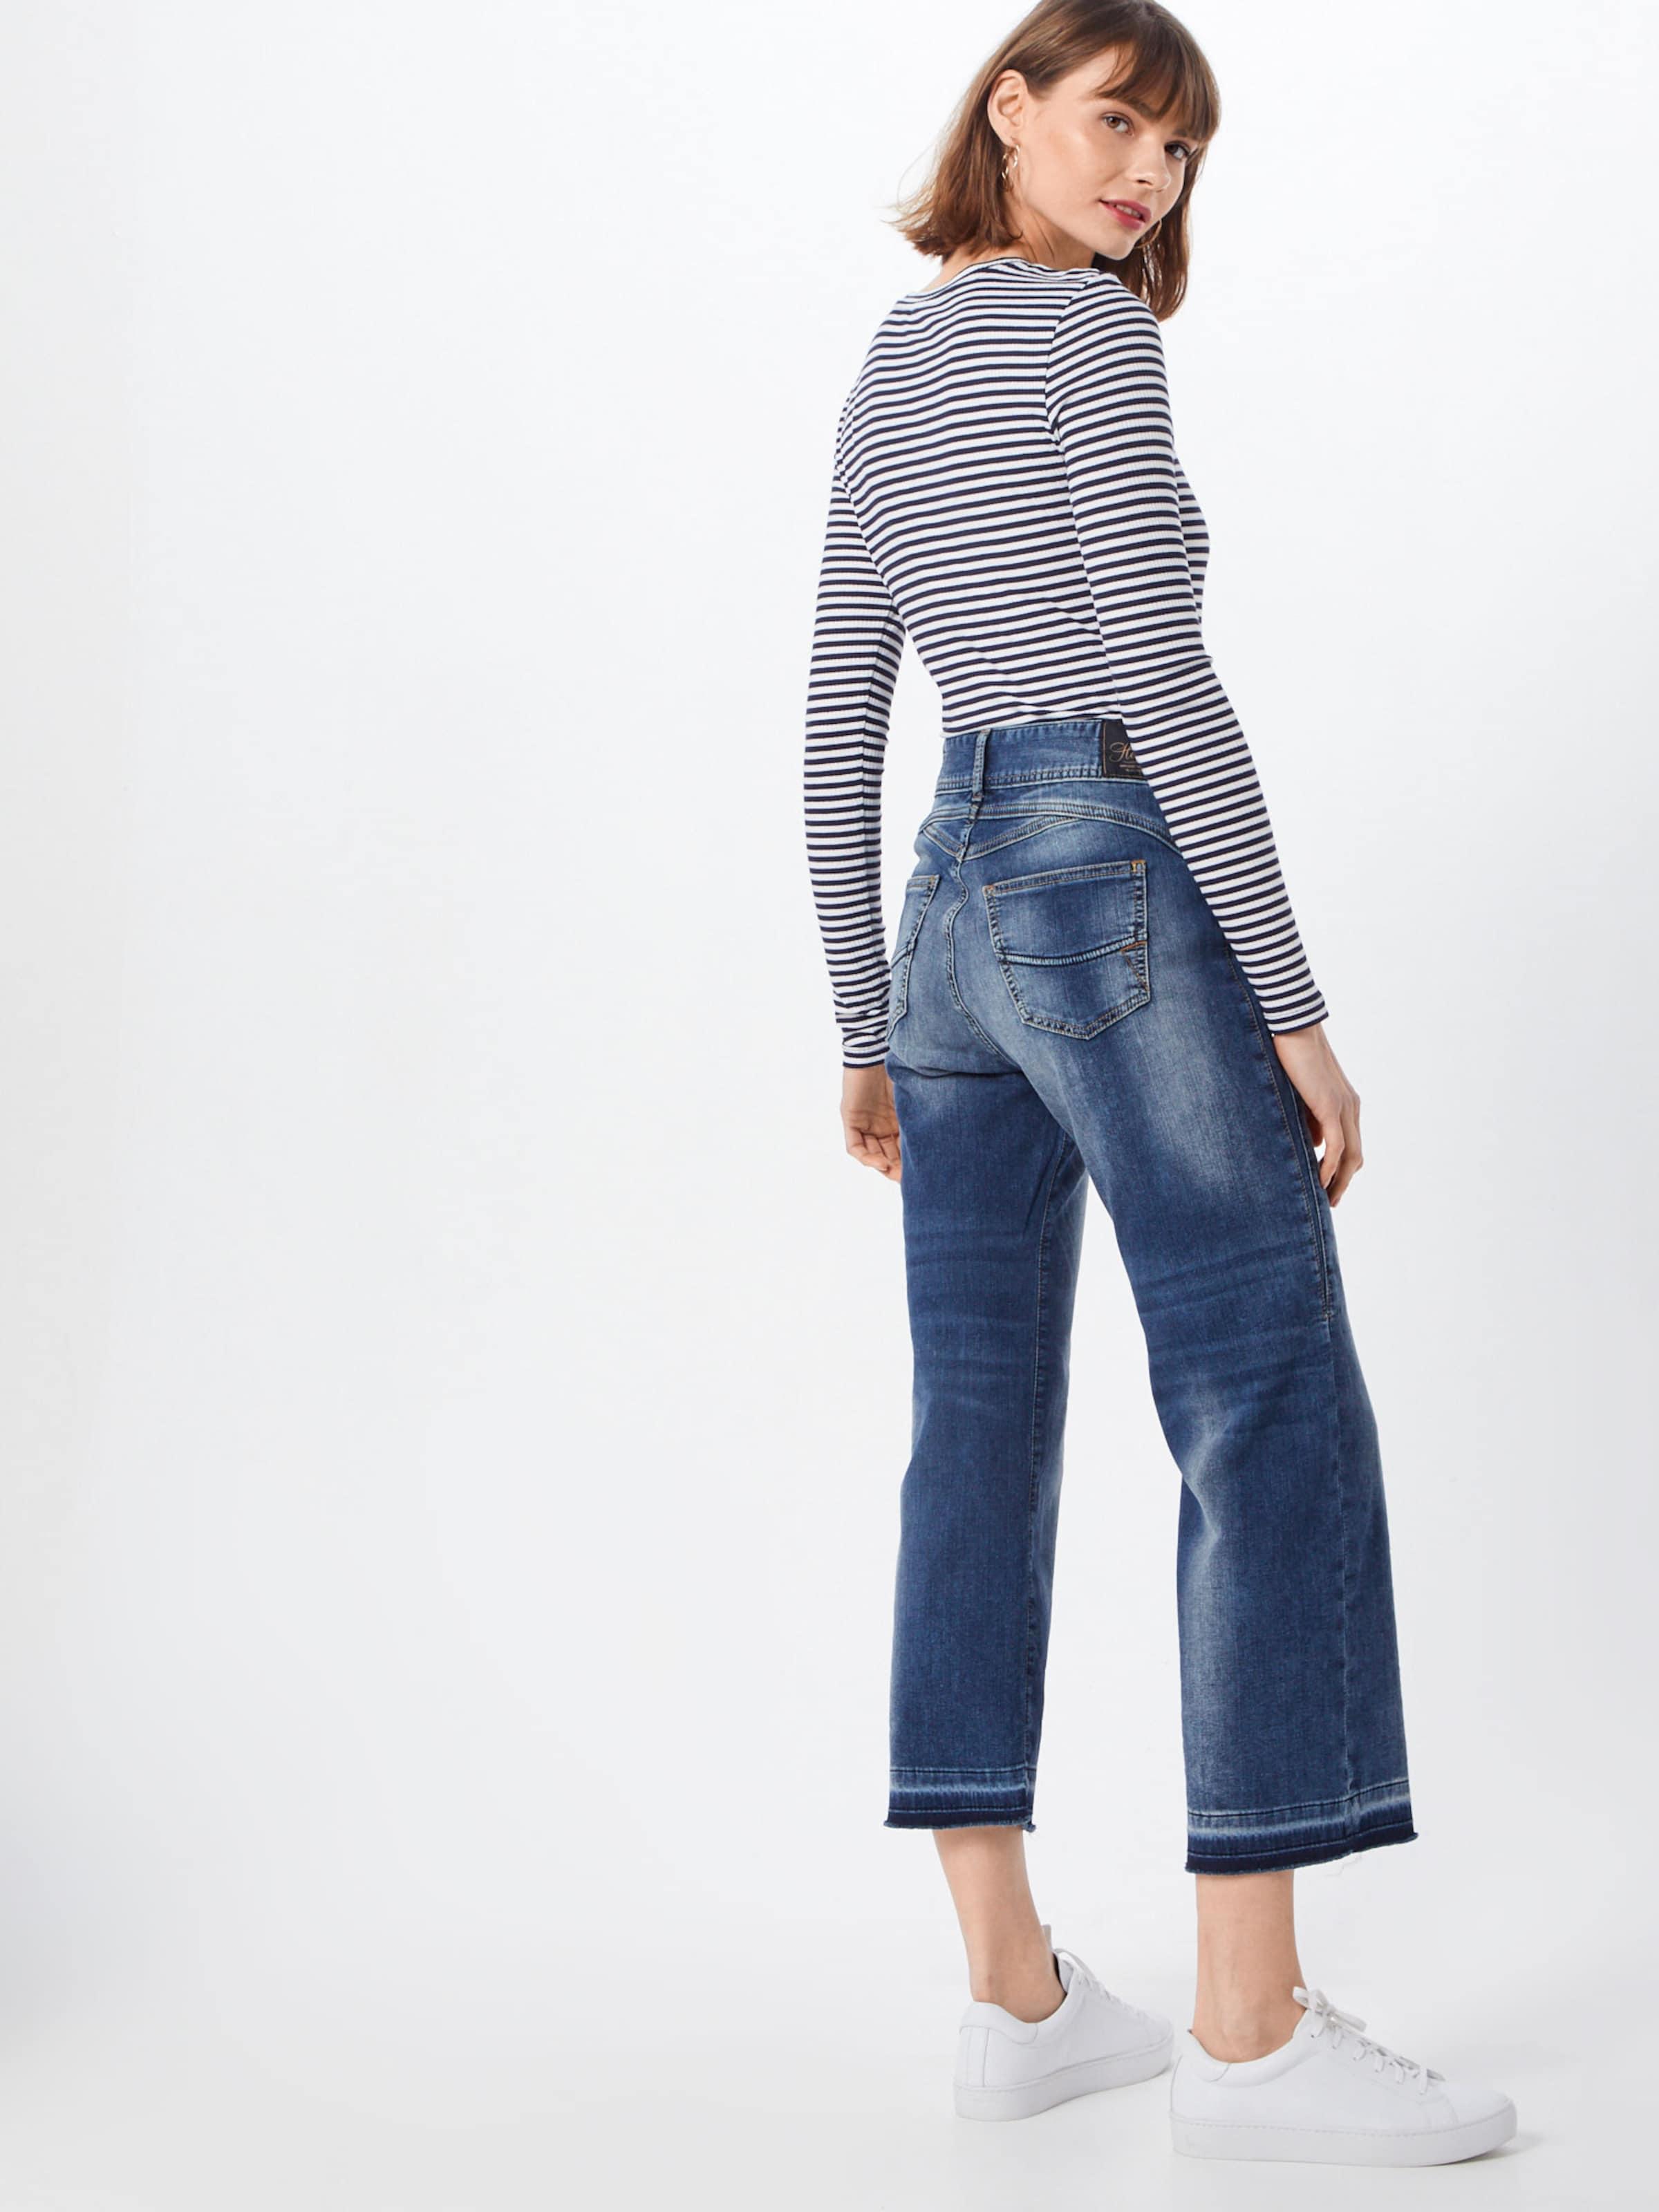 Denim Blue Jeans 'gila Sailor' Herrlicher In jqRALSc543